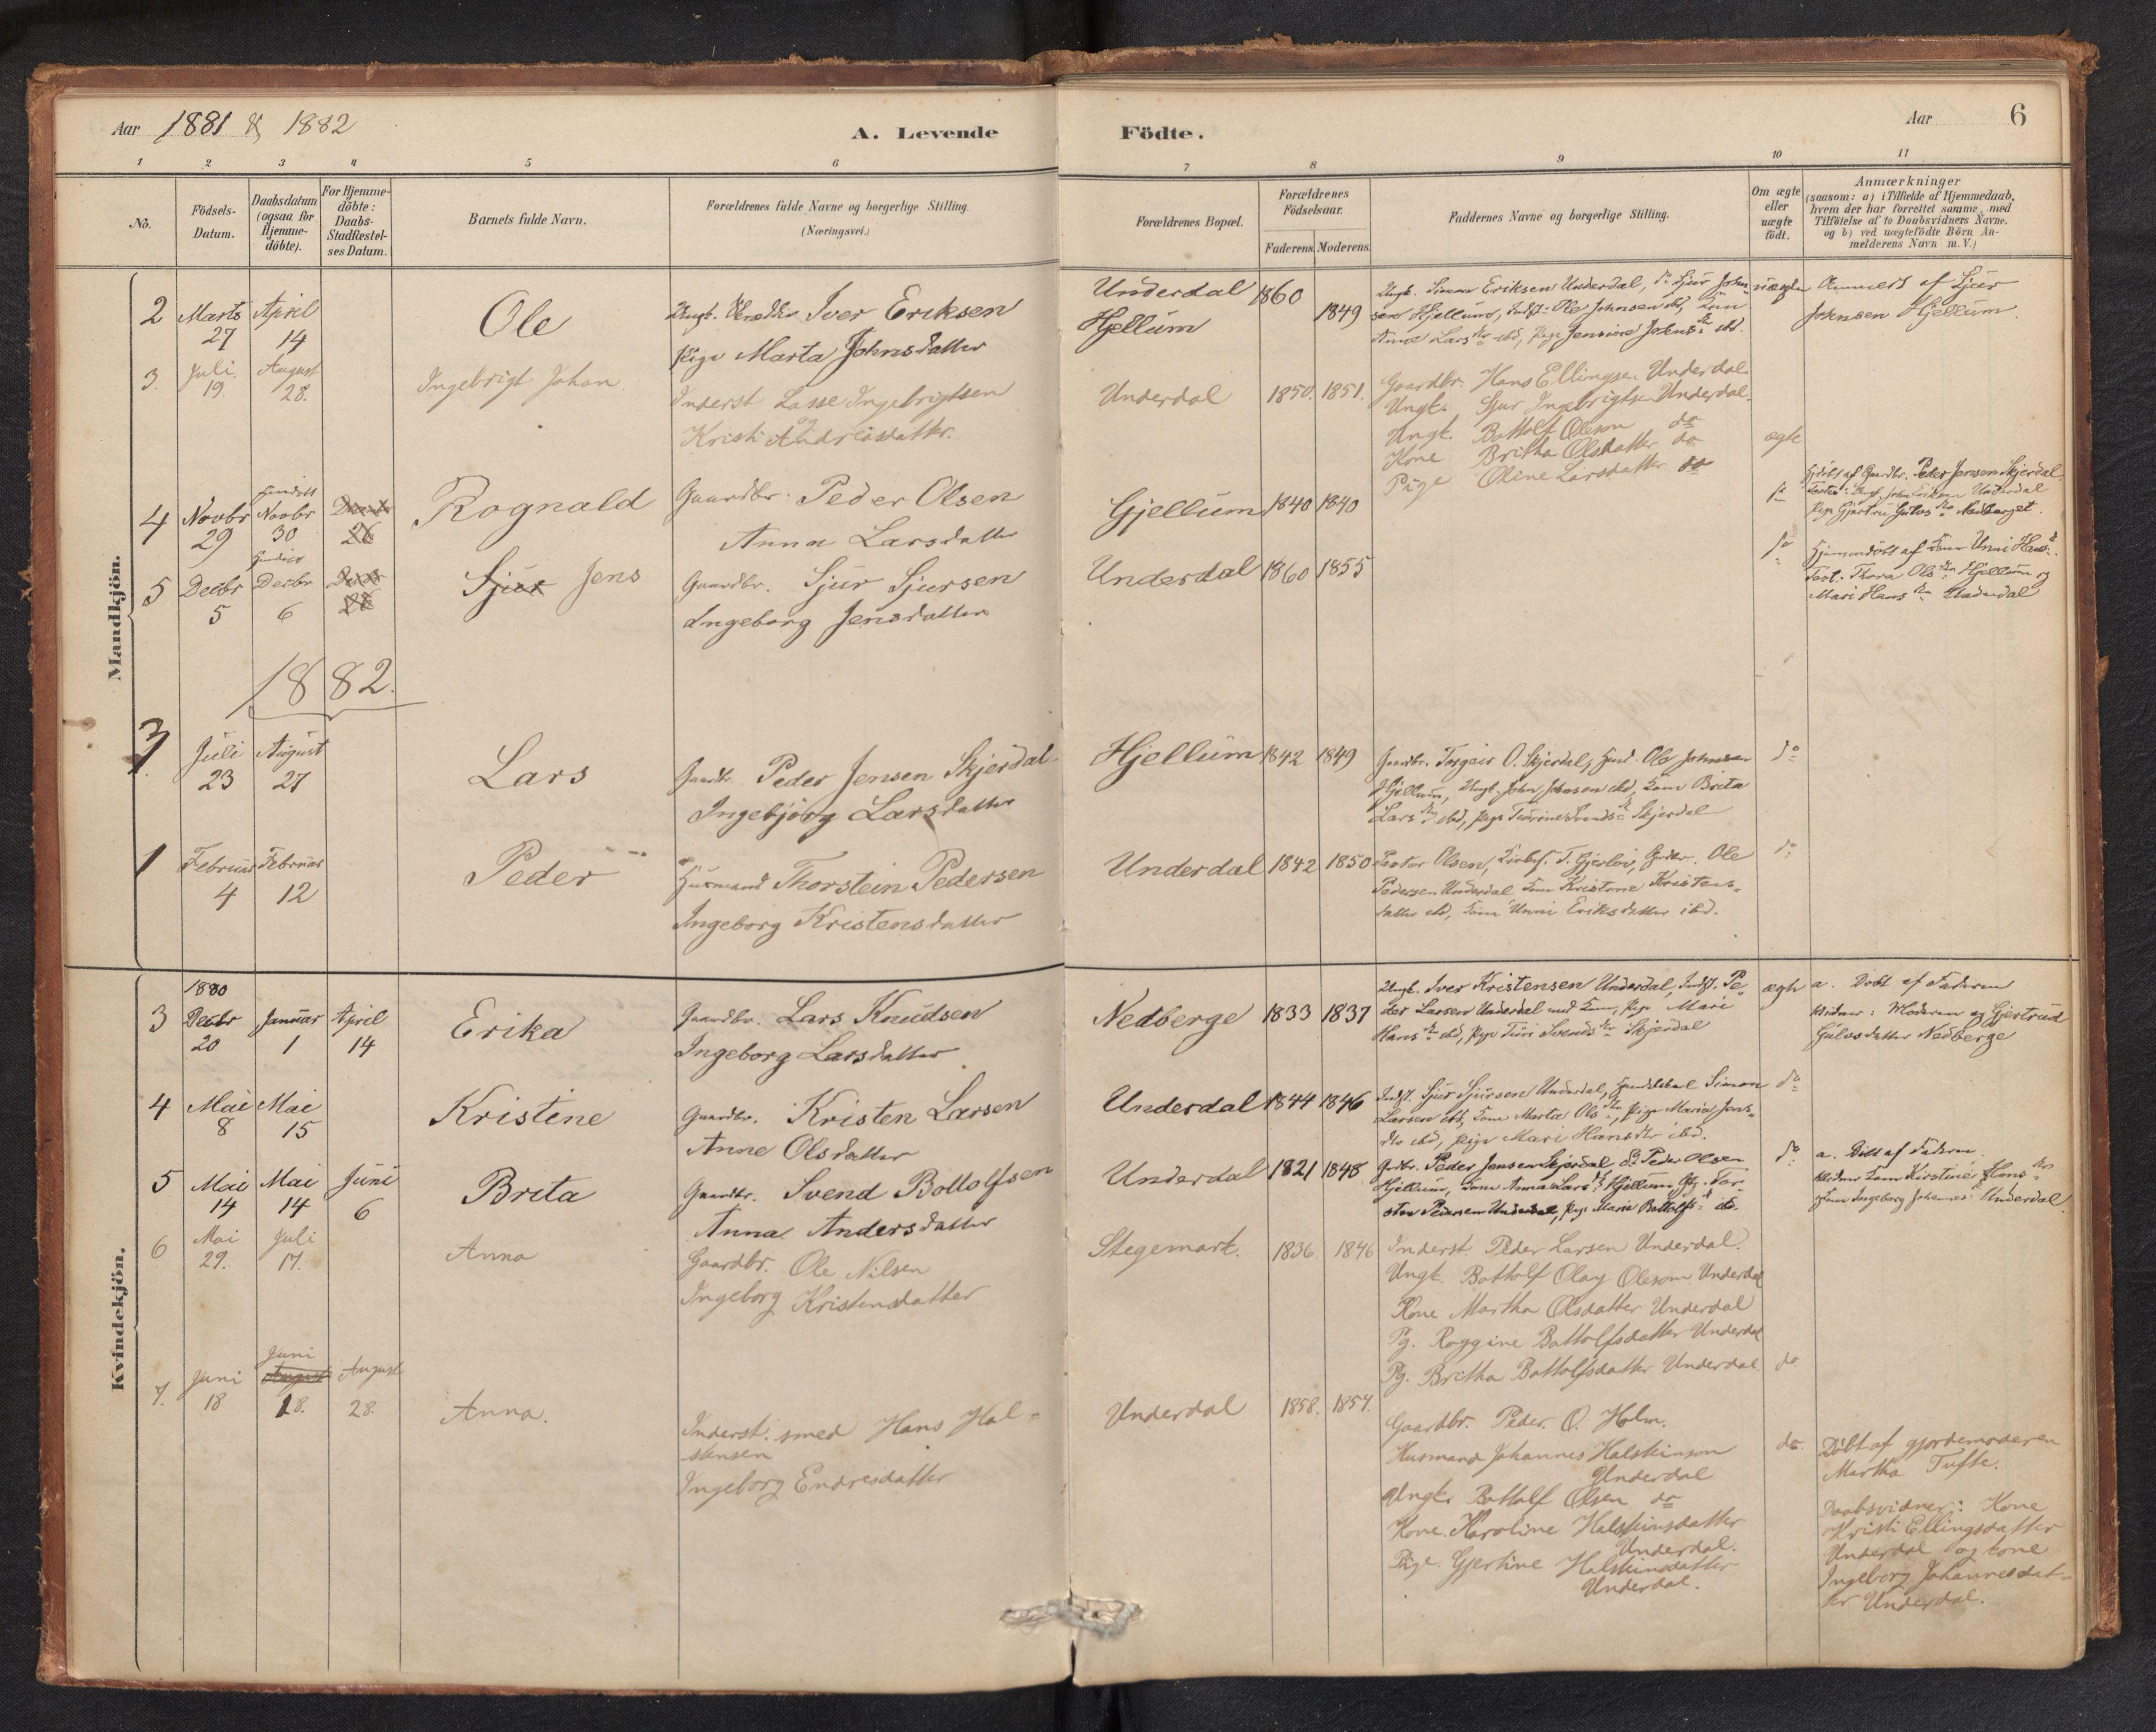 SAB, Aurland Sokneprestembete*, Ministerialbok nr. E 1, 1880-1907, s. 5b-6a